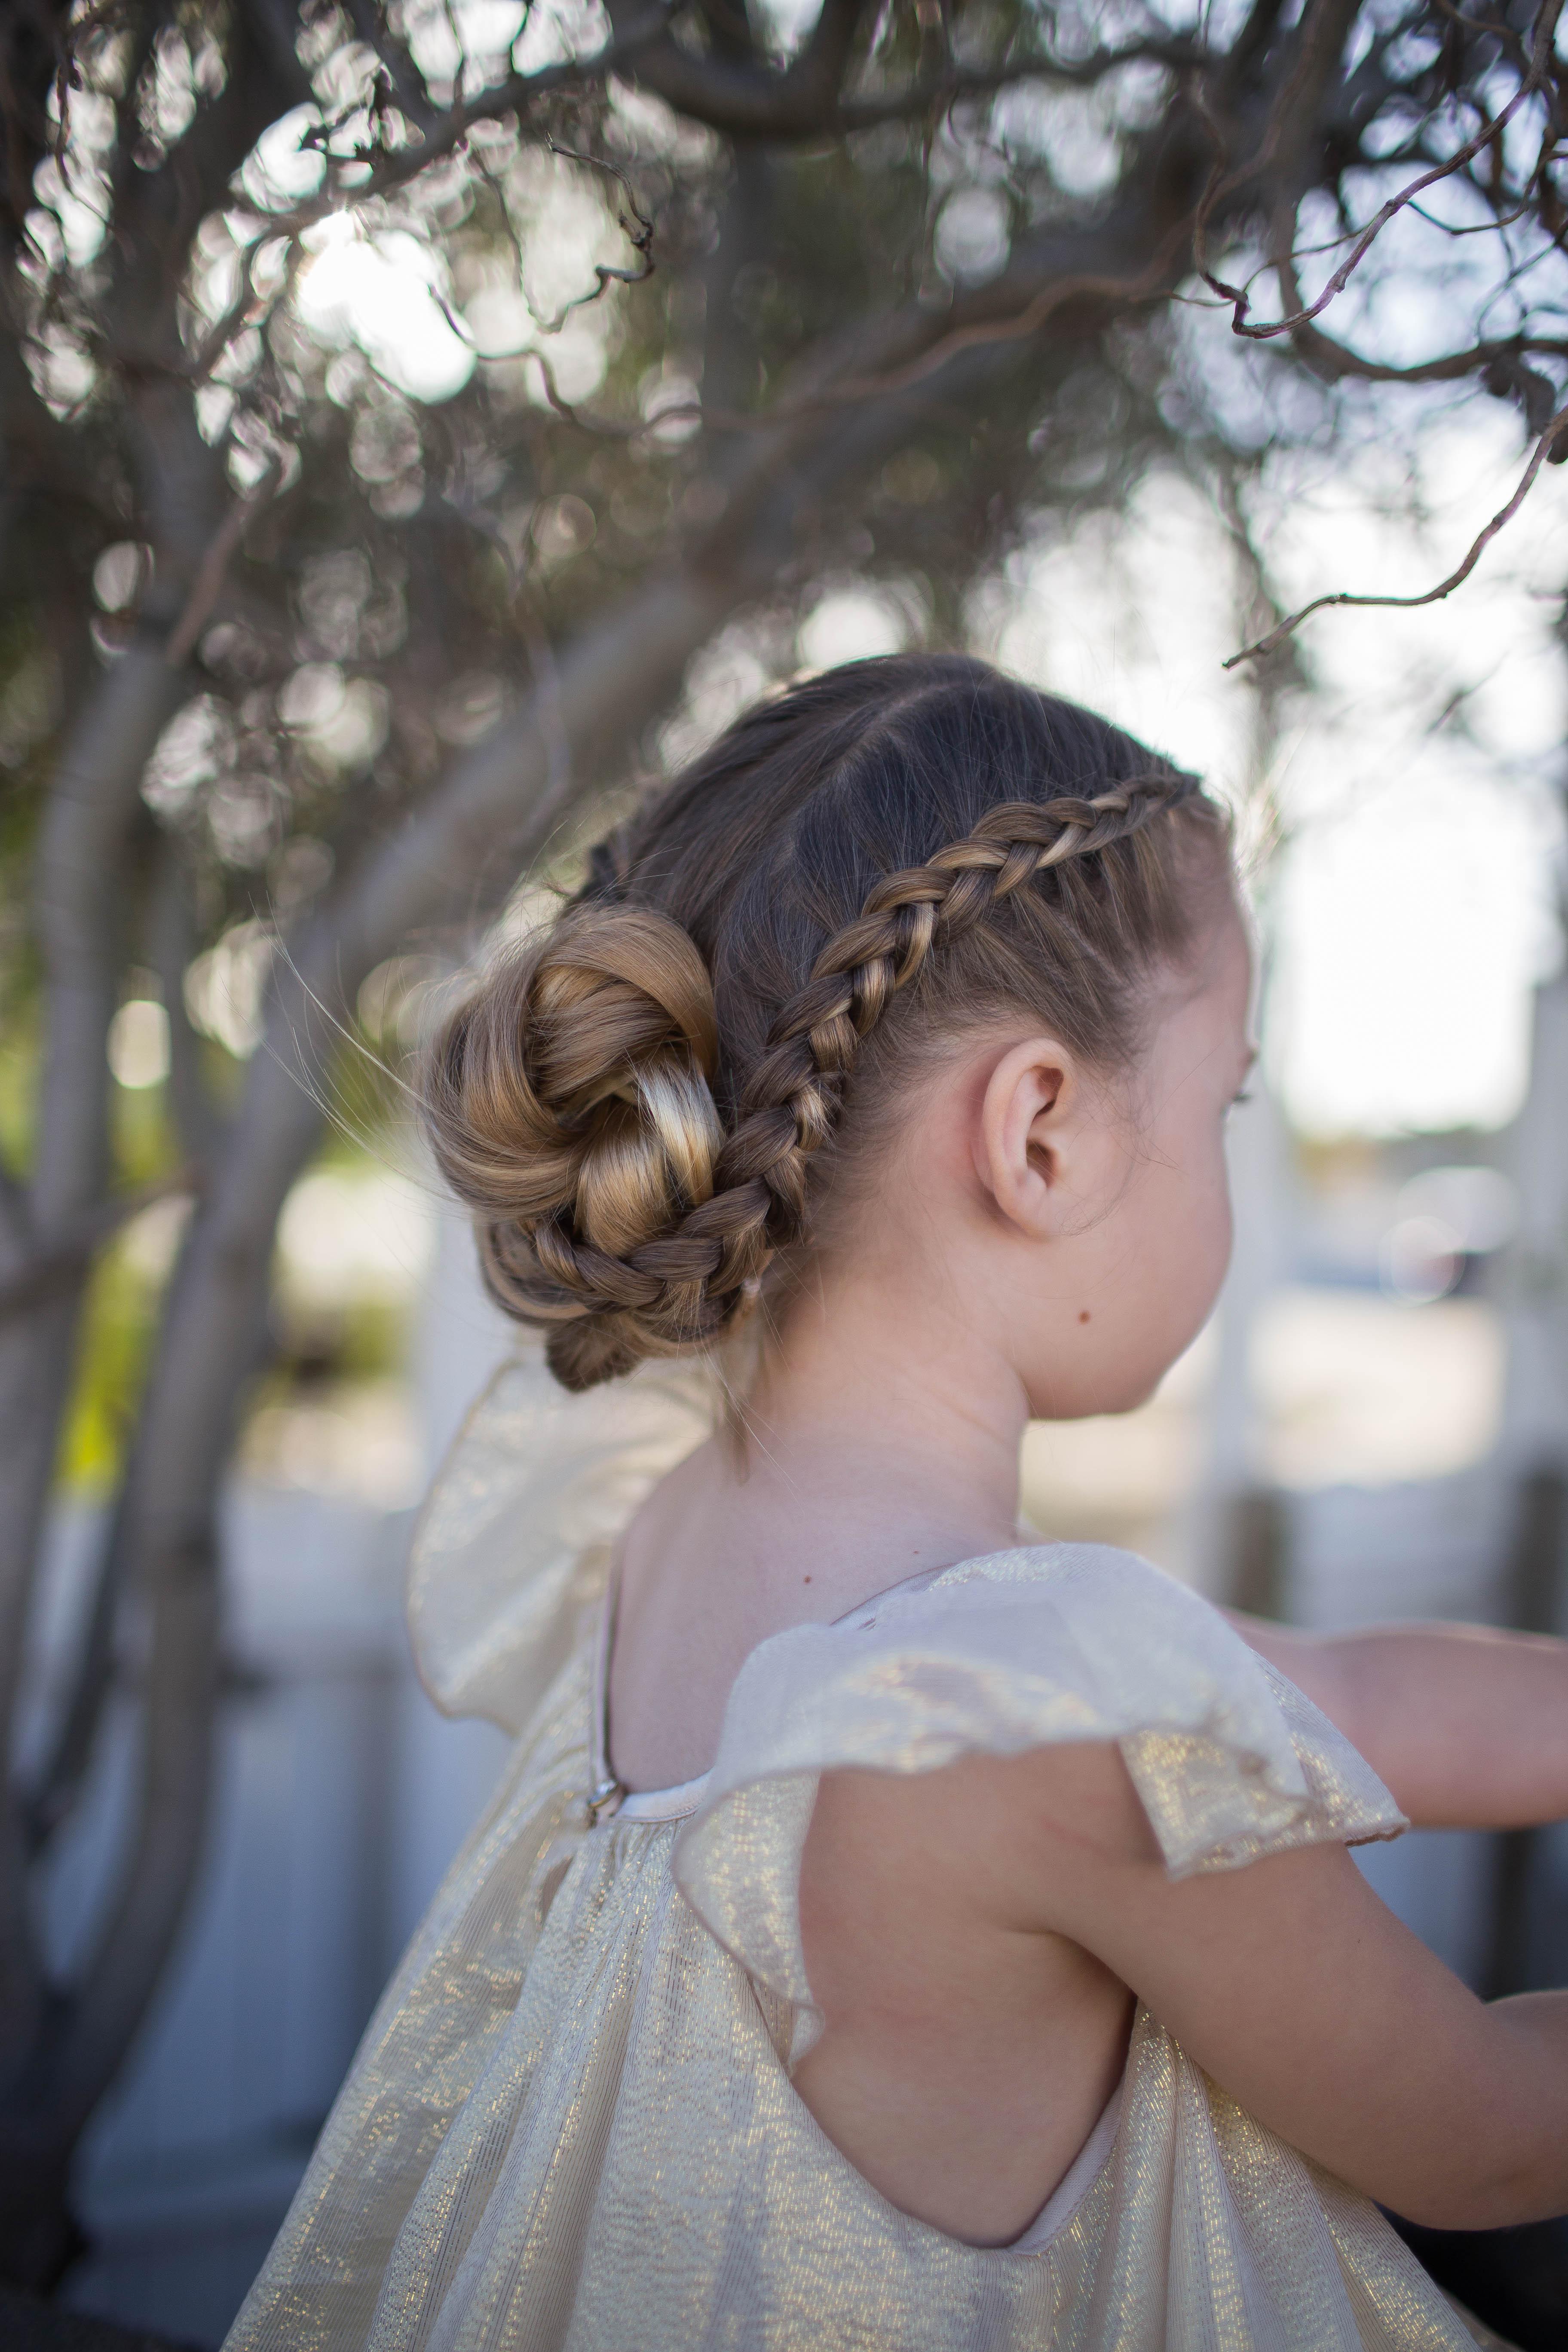 Braided Bun Updo | Cute Girls Hairstyles